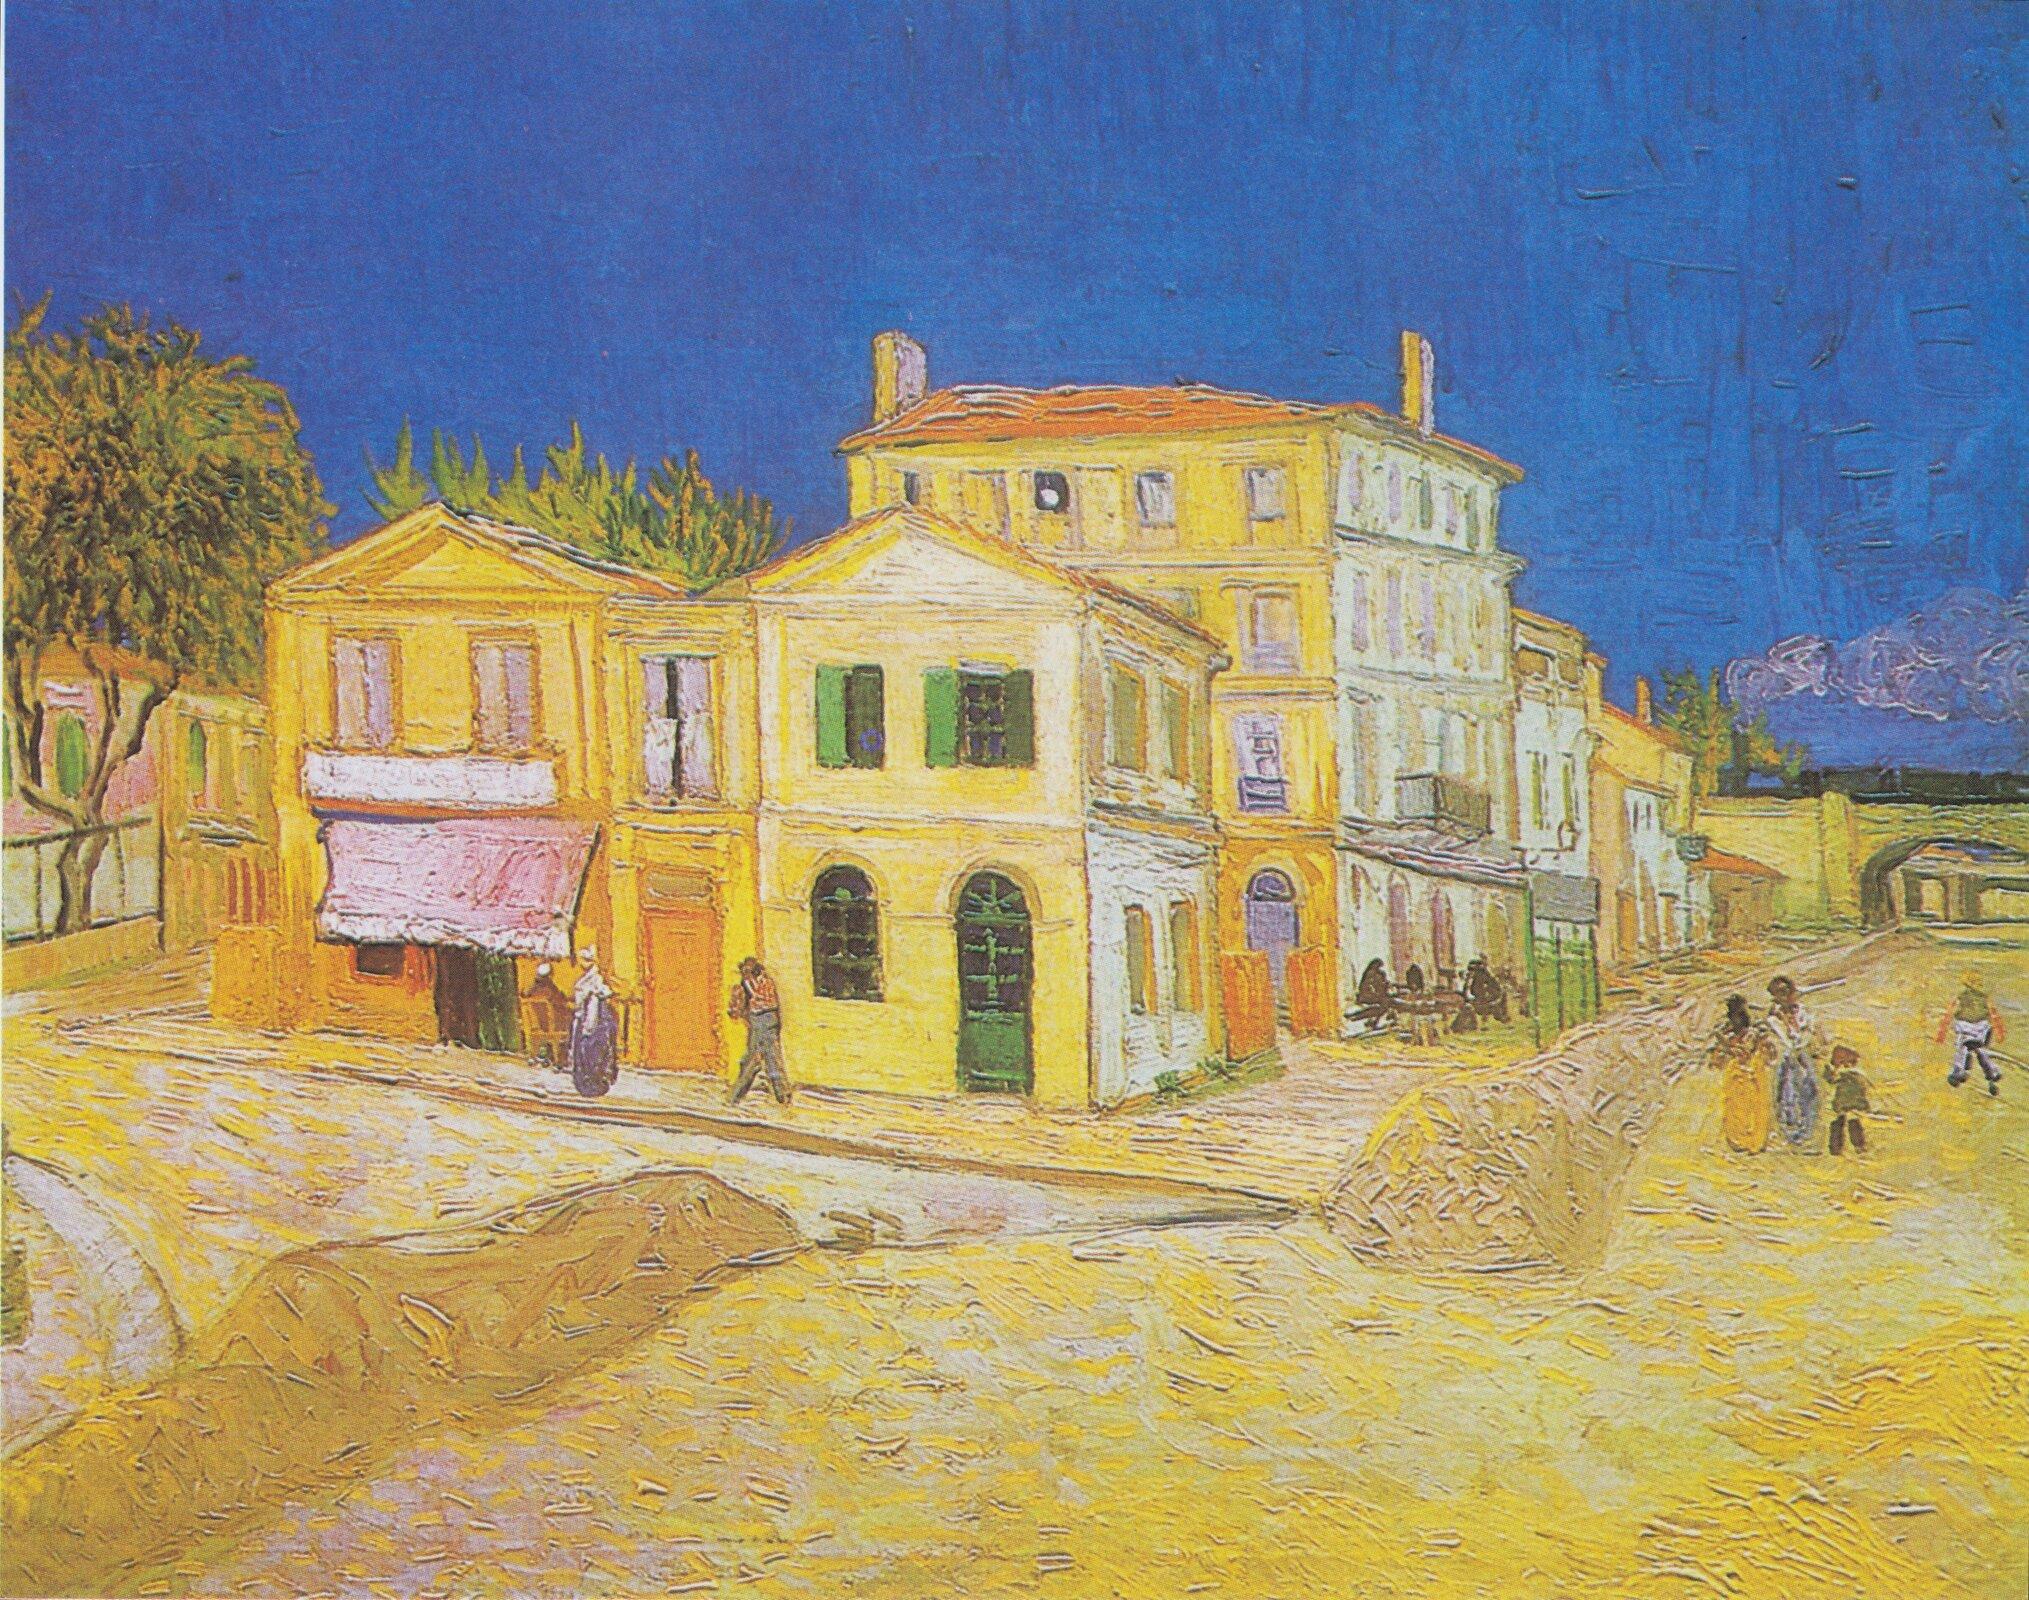 Dom Vincenta wArles (Żółty dom) Źródło: Vincent van Gogh, Dom Vincenta wArles (Żółty dom), 1888, olej na płótnie, Van Gogh Museum, Amsterdam, domena publiczna.